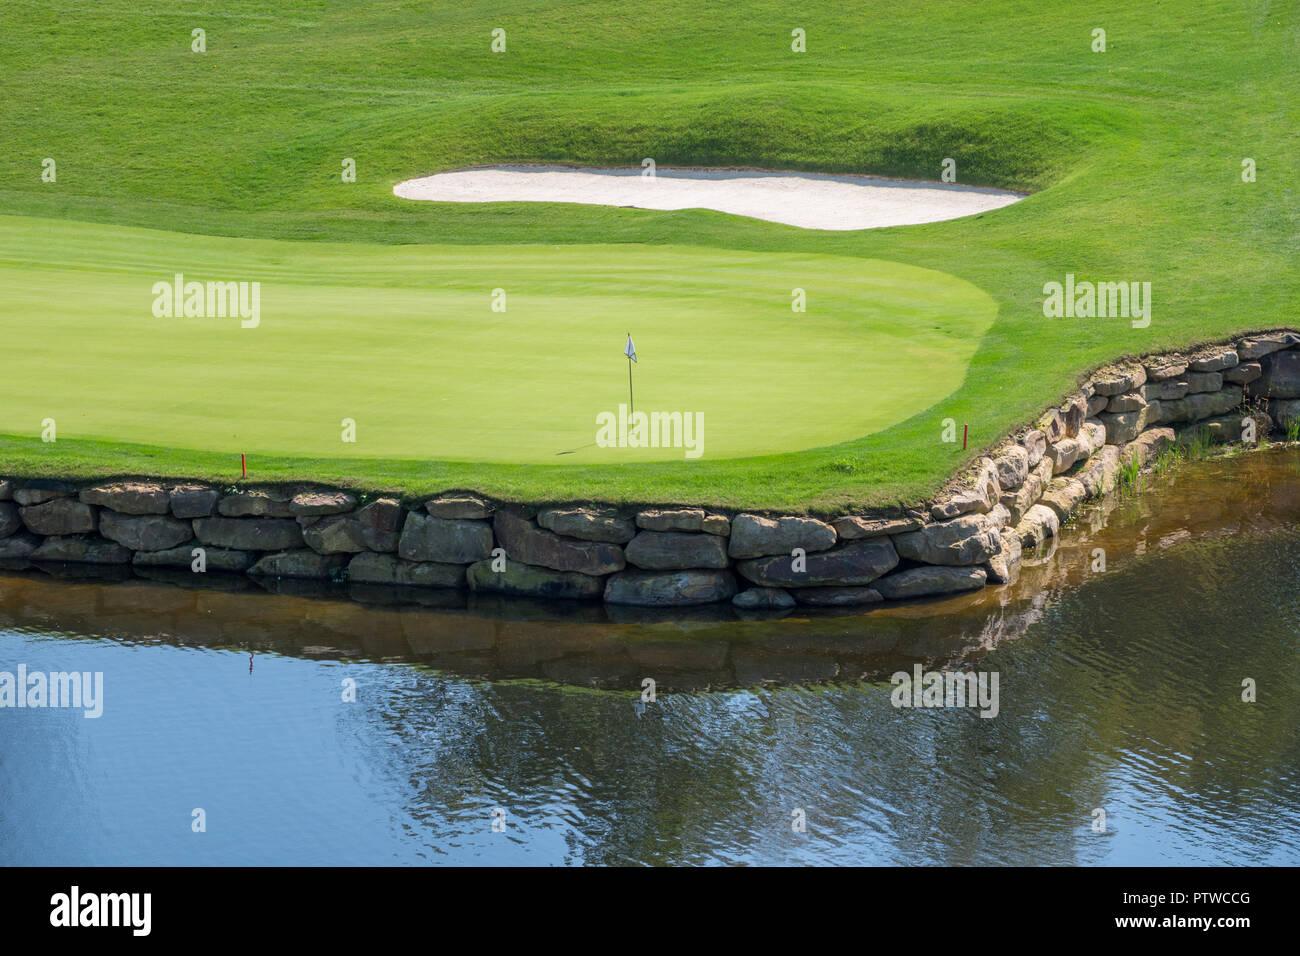 Foro di stimolanti di lusso sul campo da golf con acqua e sabbia Immagini Stock